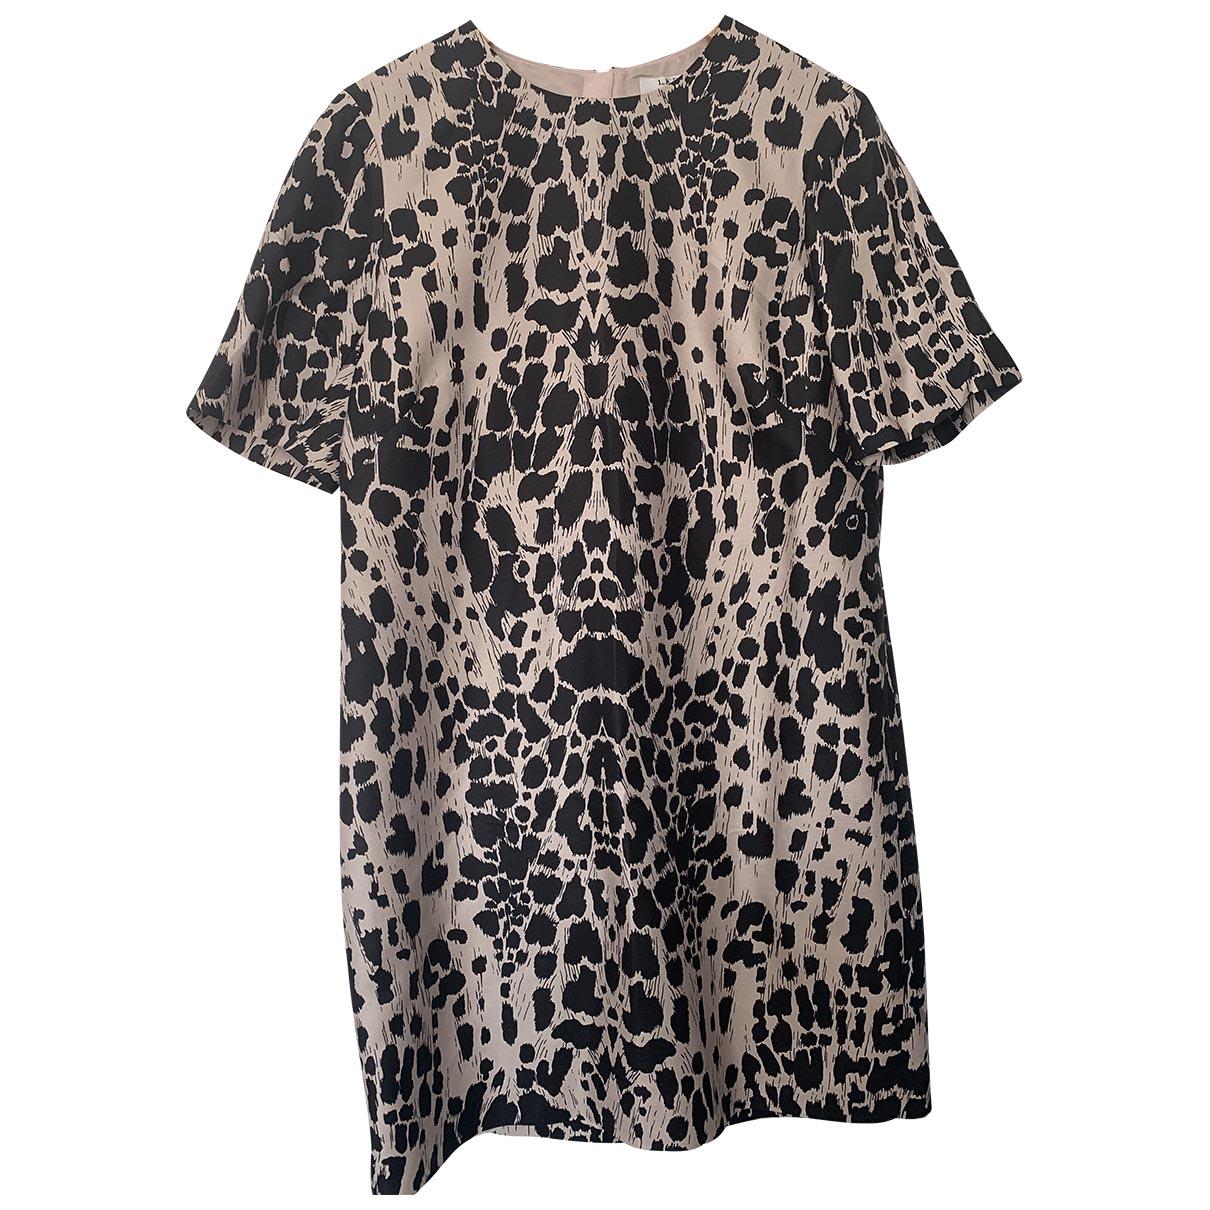 Lk Bennett \N Kleid in  Schwarz Baumwolle